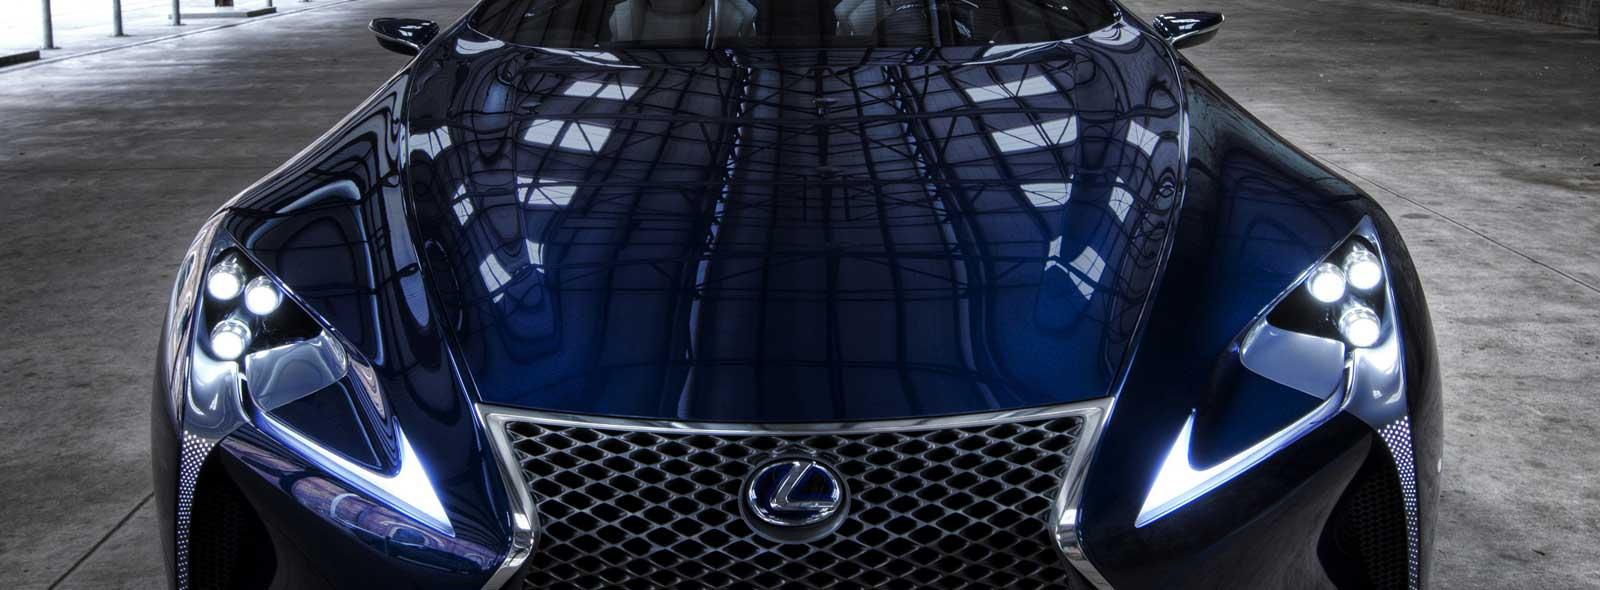 Lexus LF LC Concept avtomobilinin ön görüntüsü